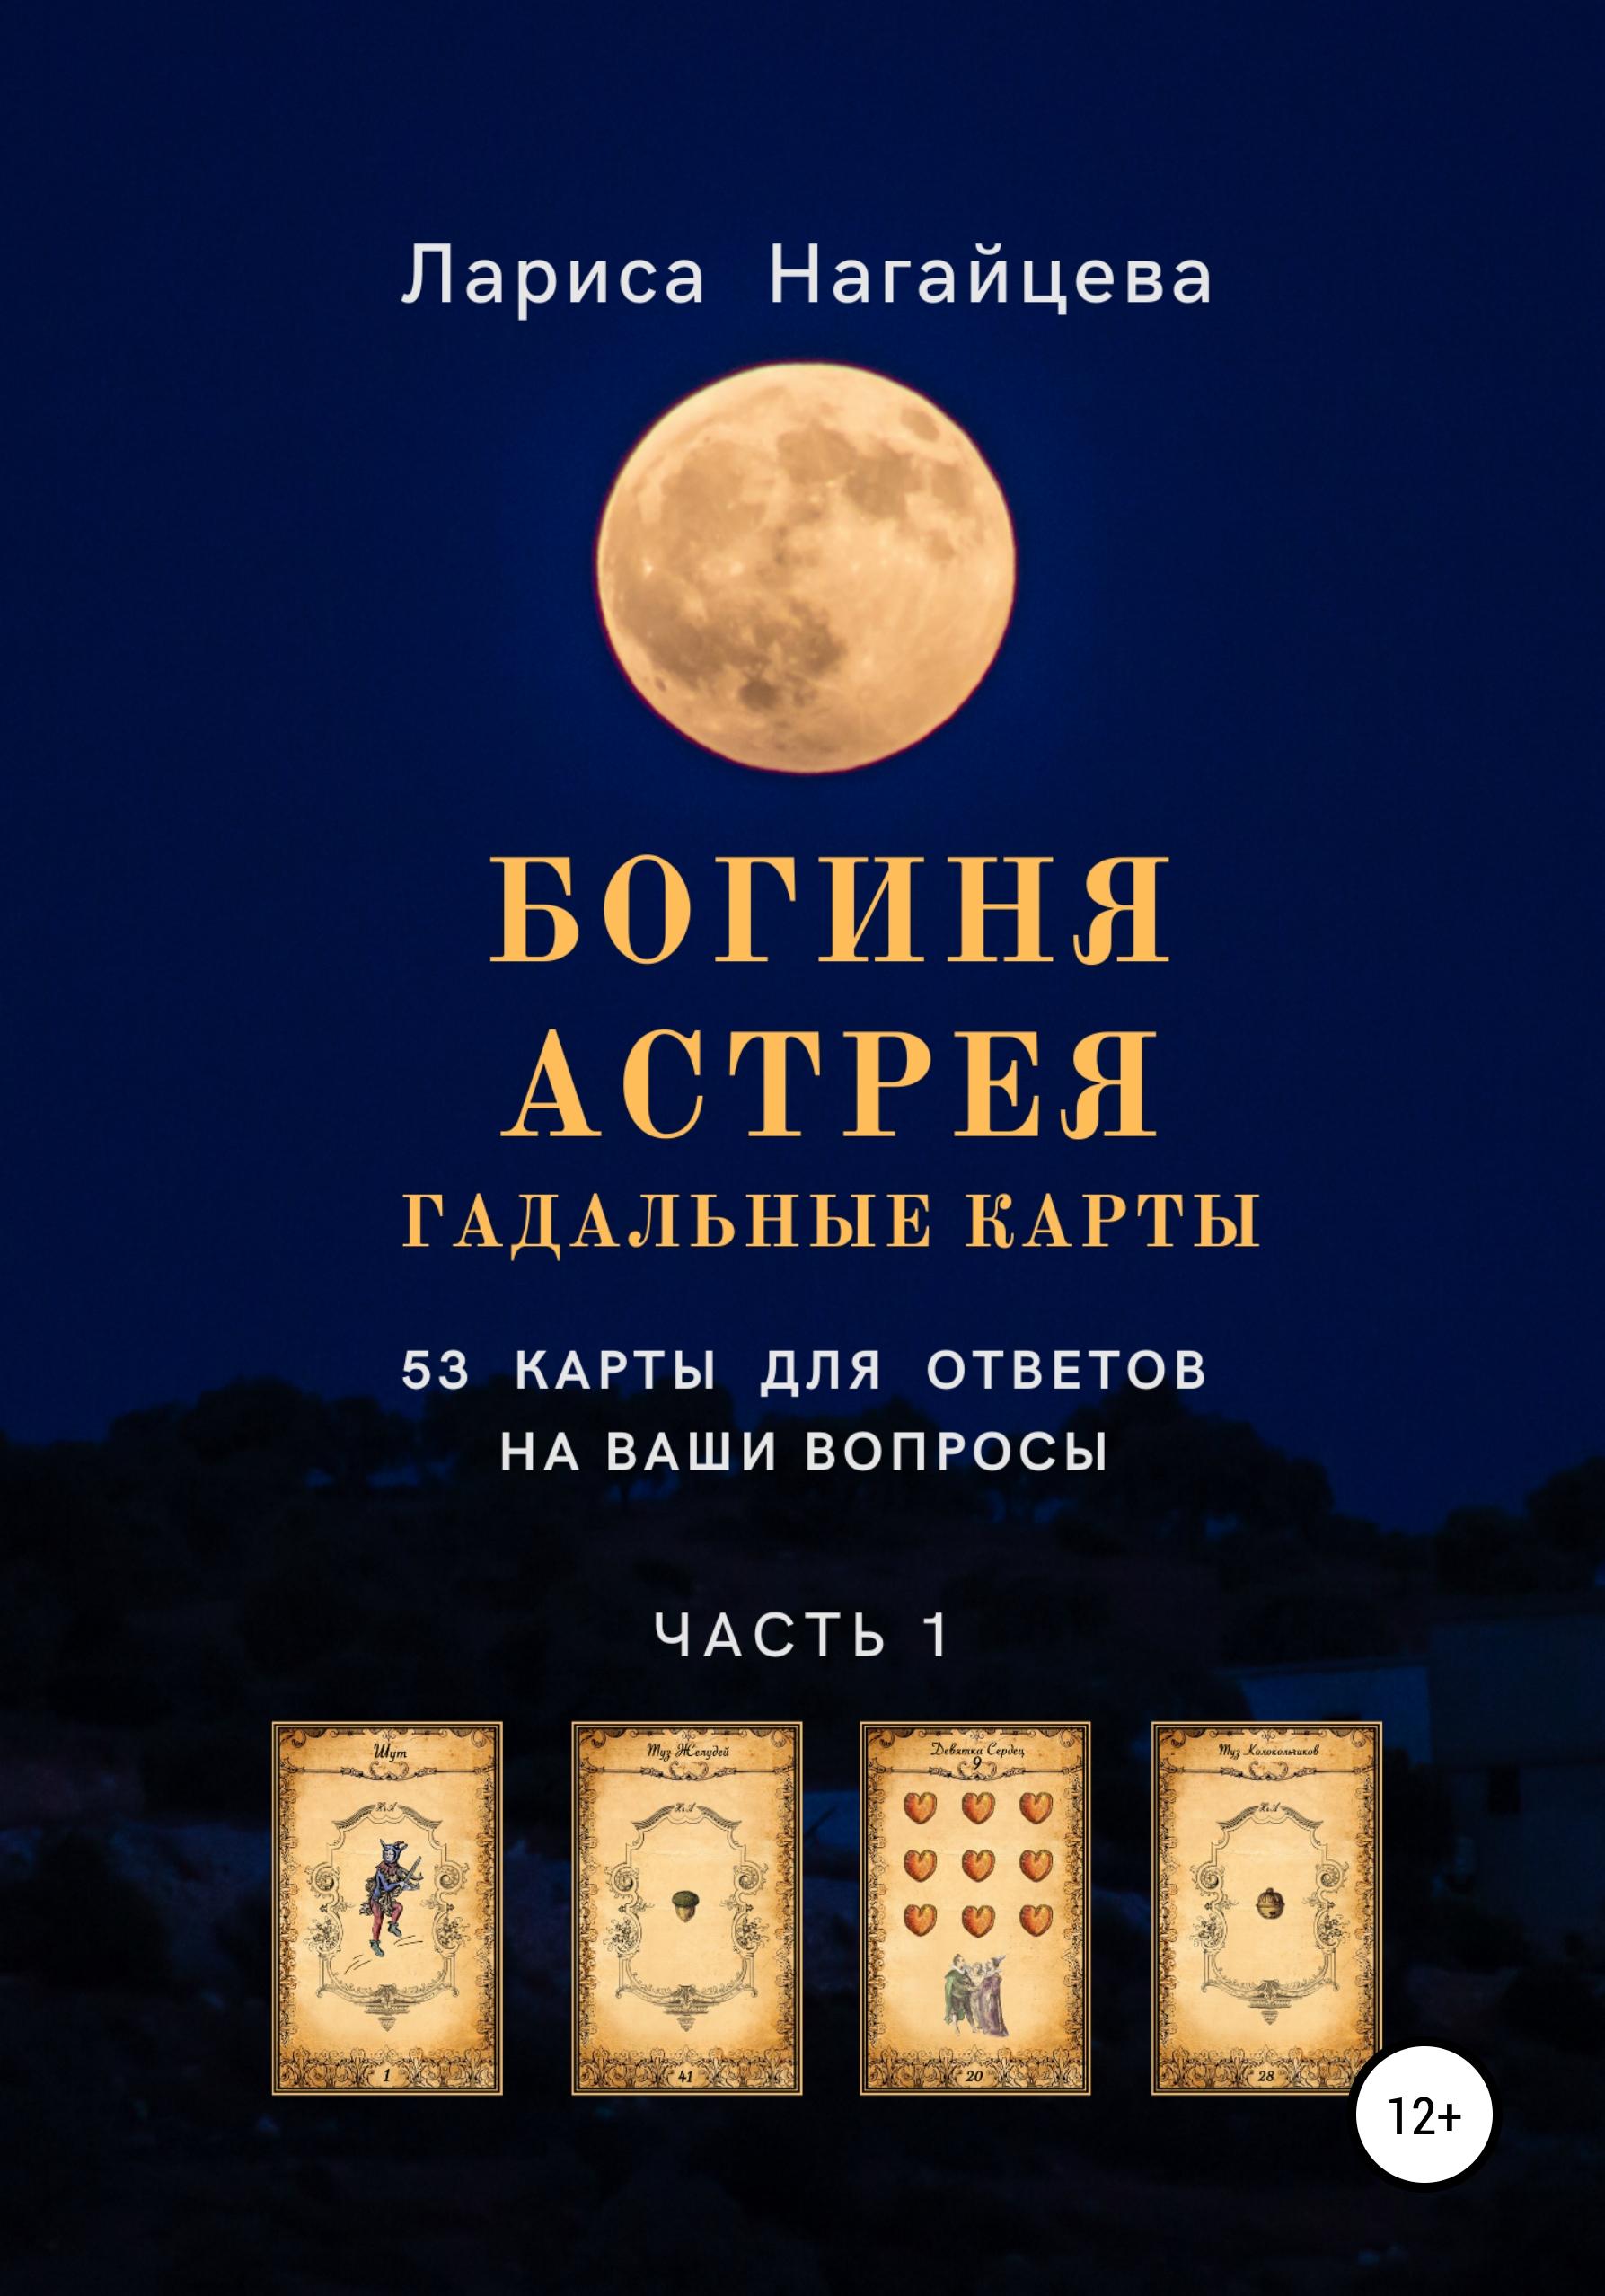 Купить книгу Гадальные карты «Богиня Астрея», автора Ларисы Владимировны Нагайцевой